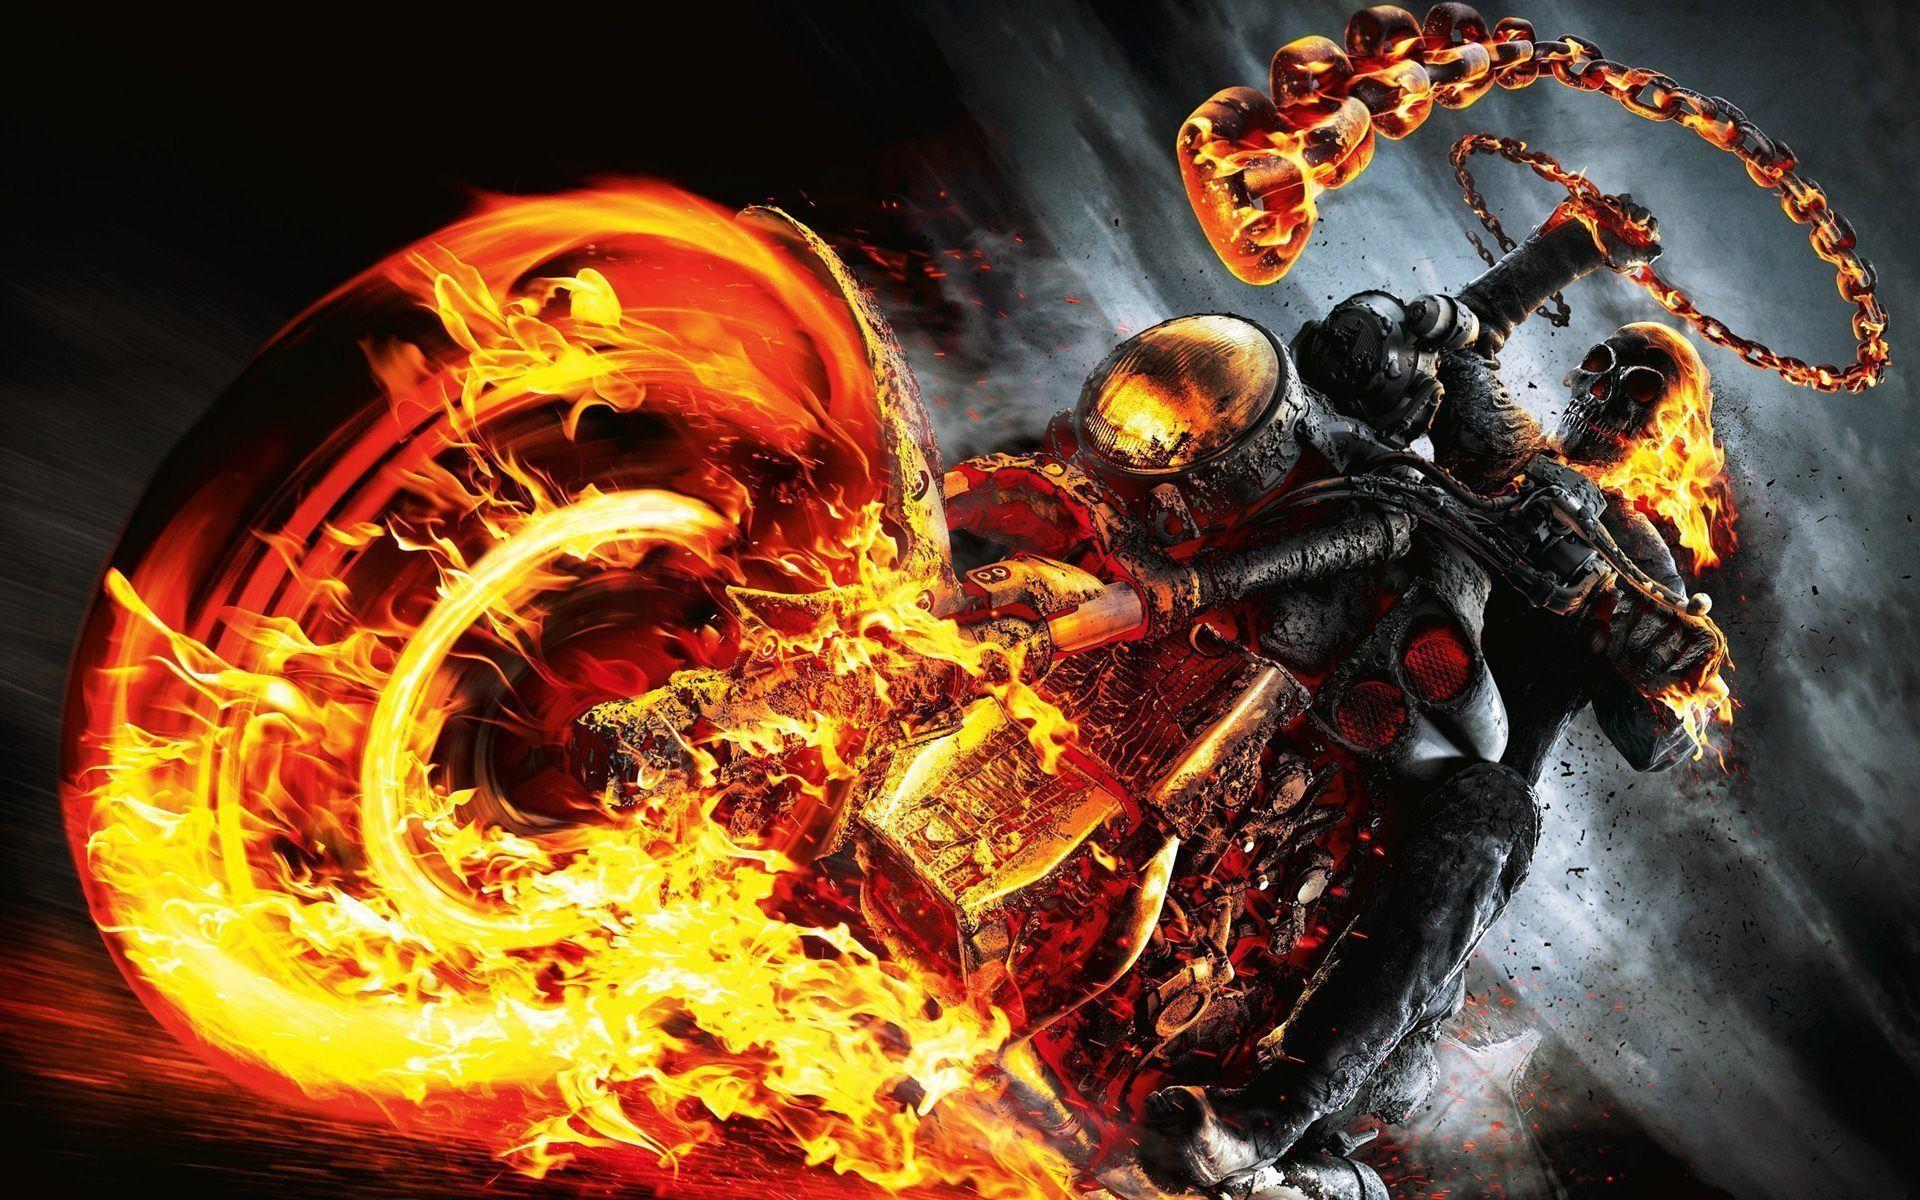 1920x1200 Ghost Rider Spirit Of Vengeance Skull Fire Bike Wallpapers